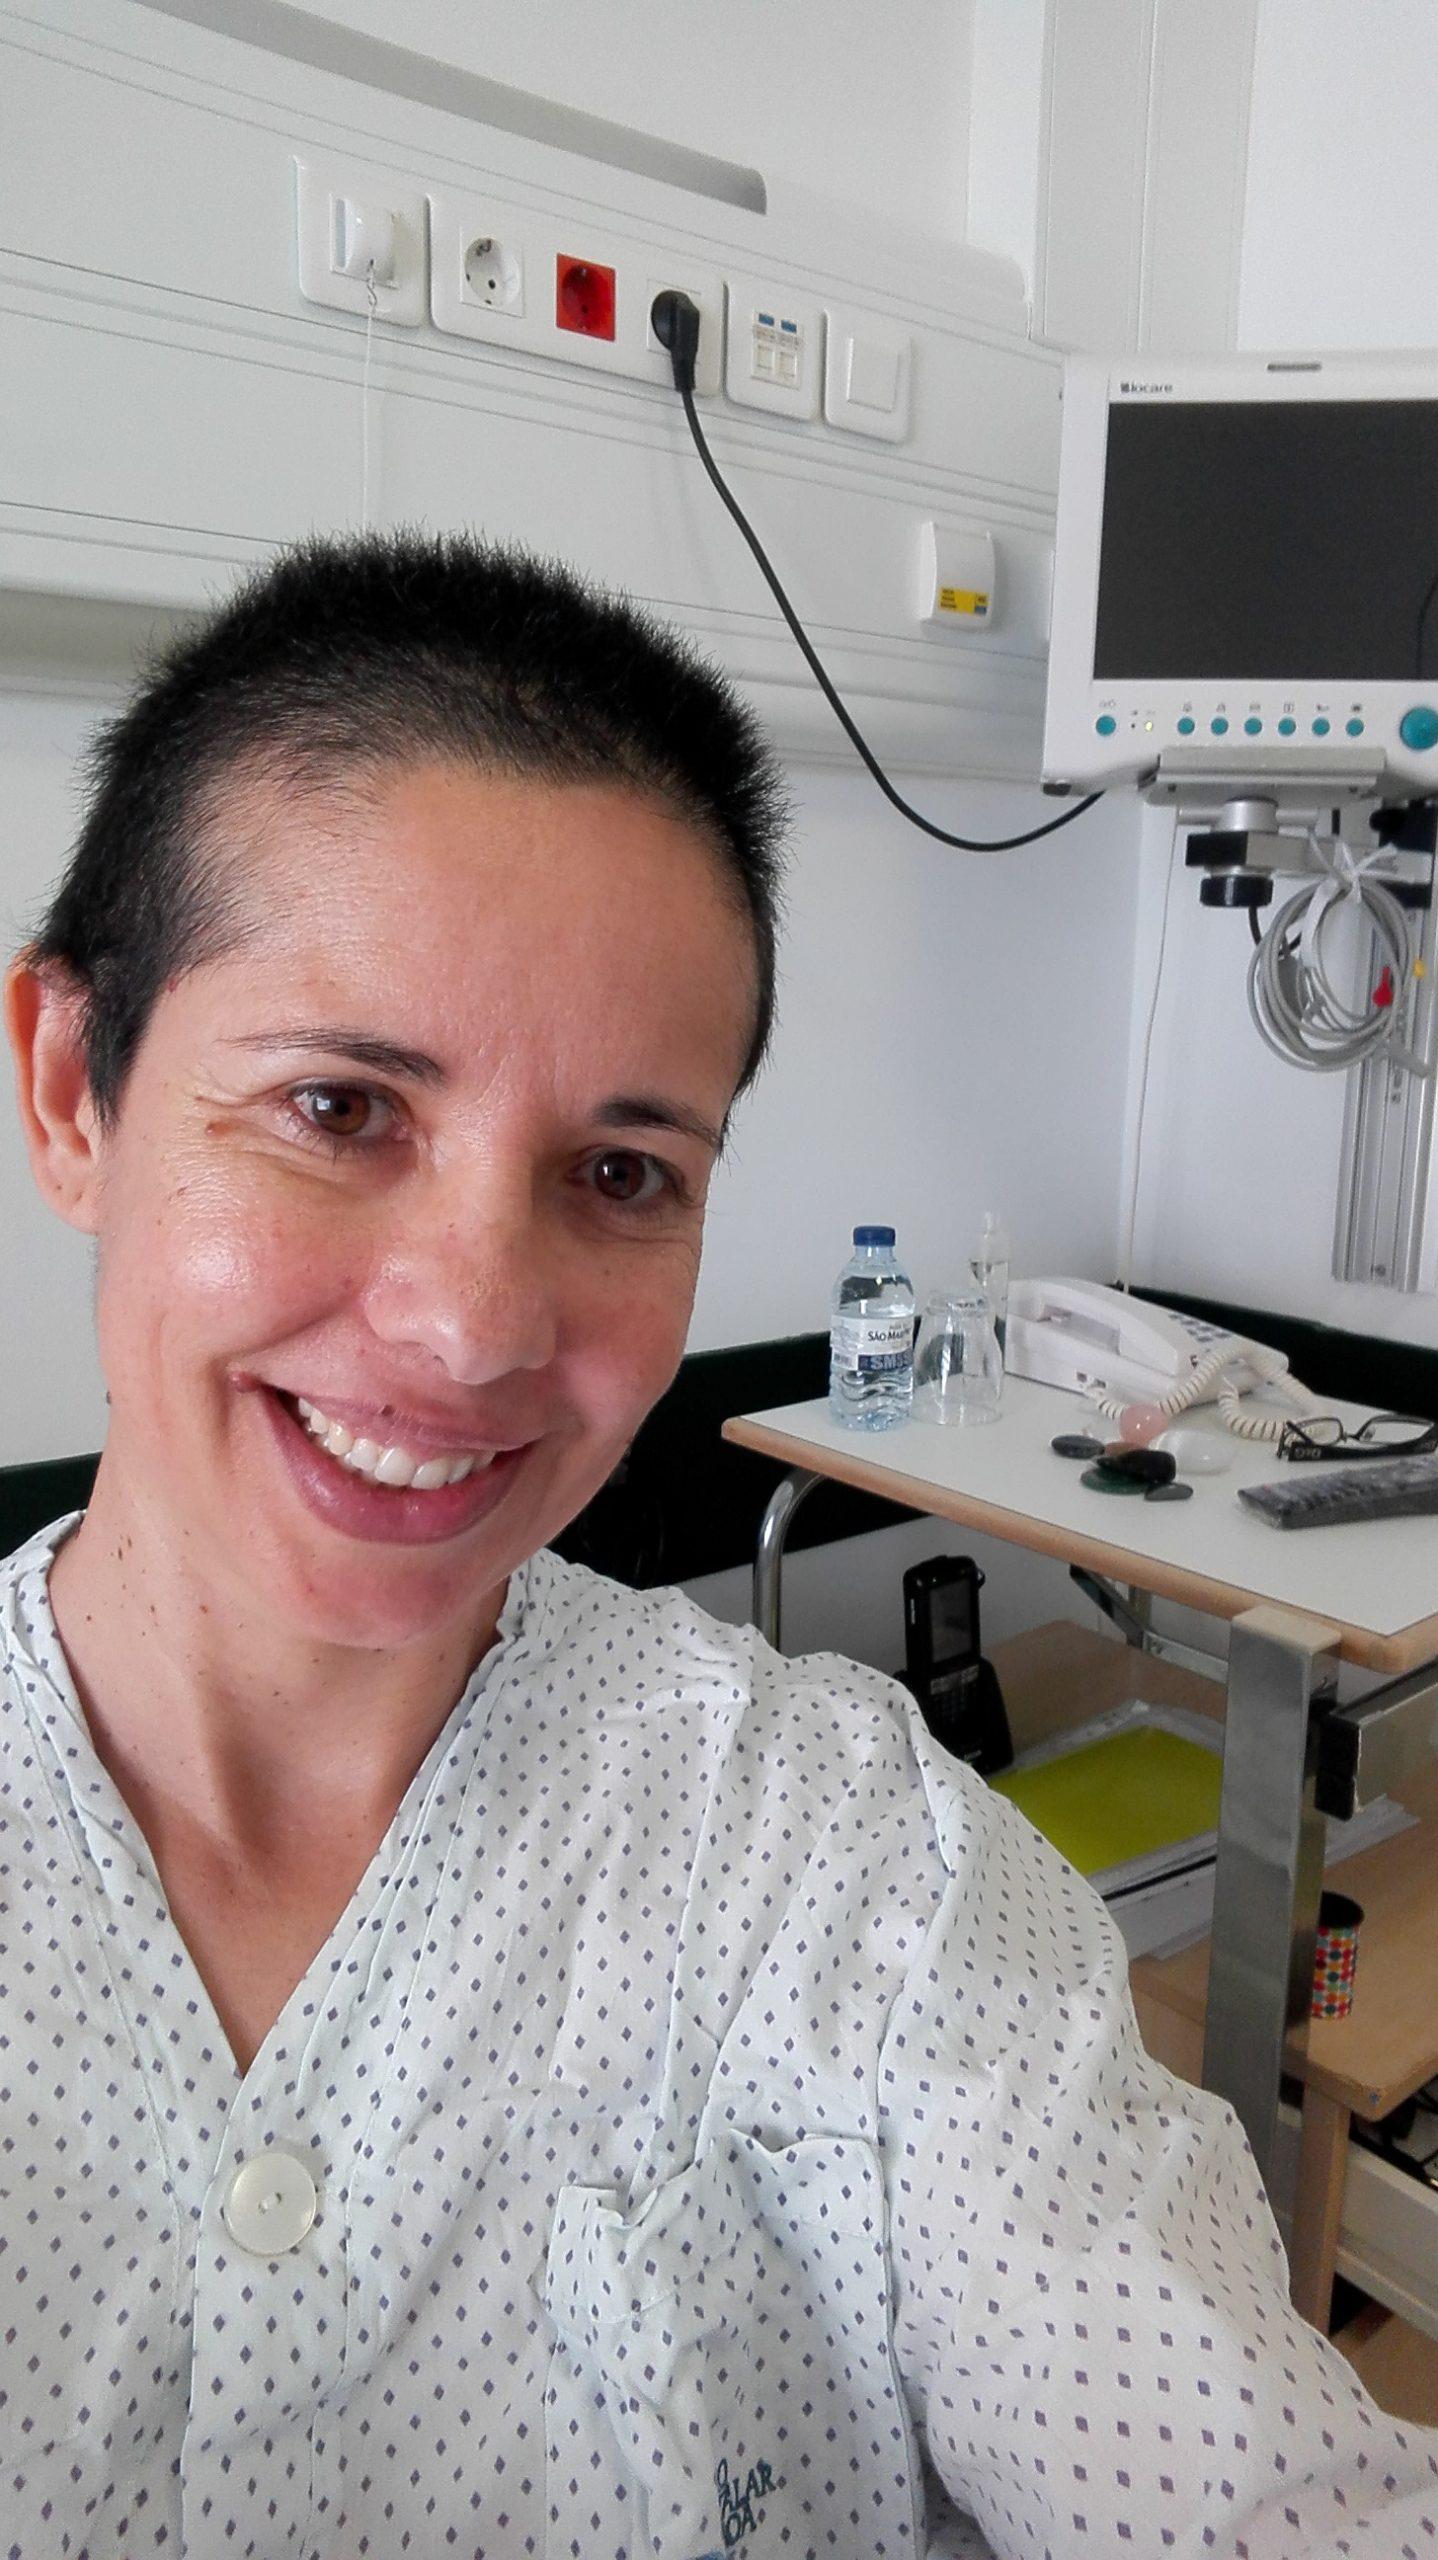 Coach de saúde para doentes oncológicos